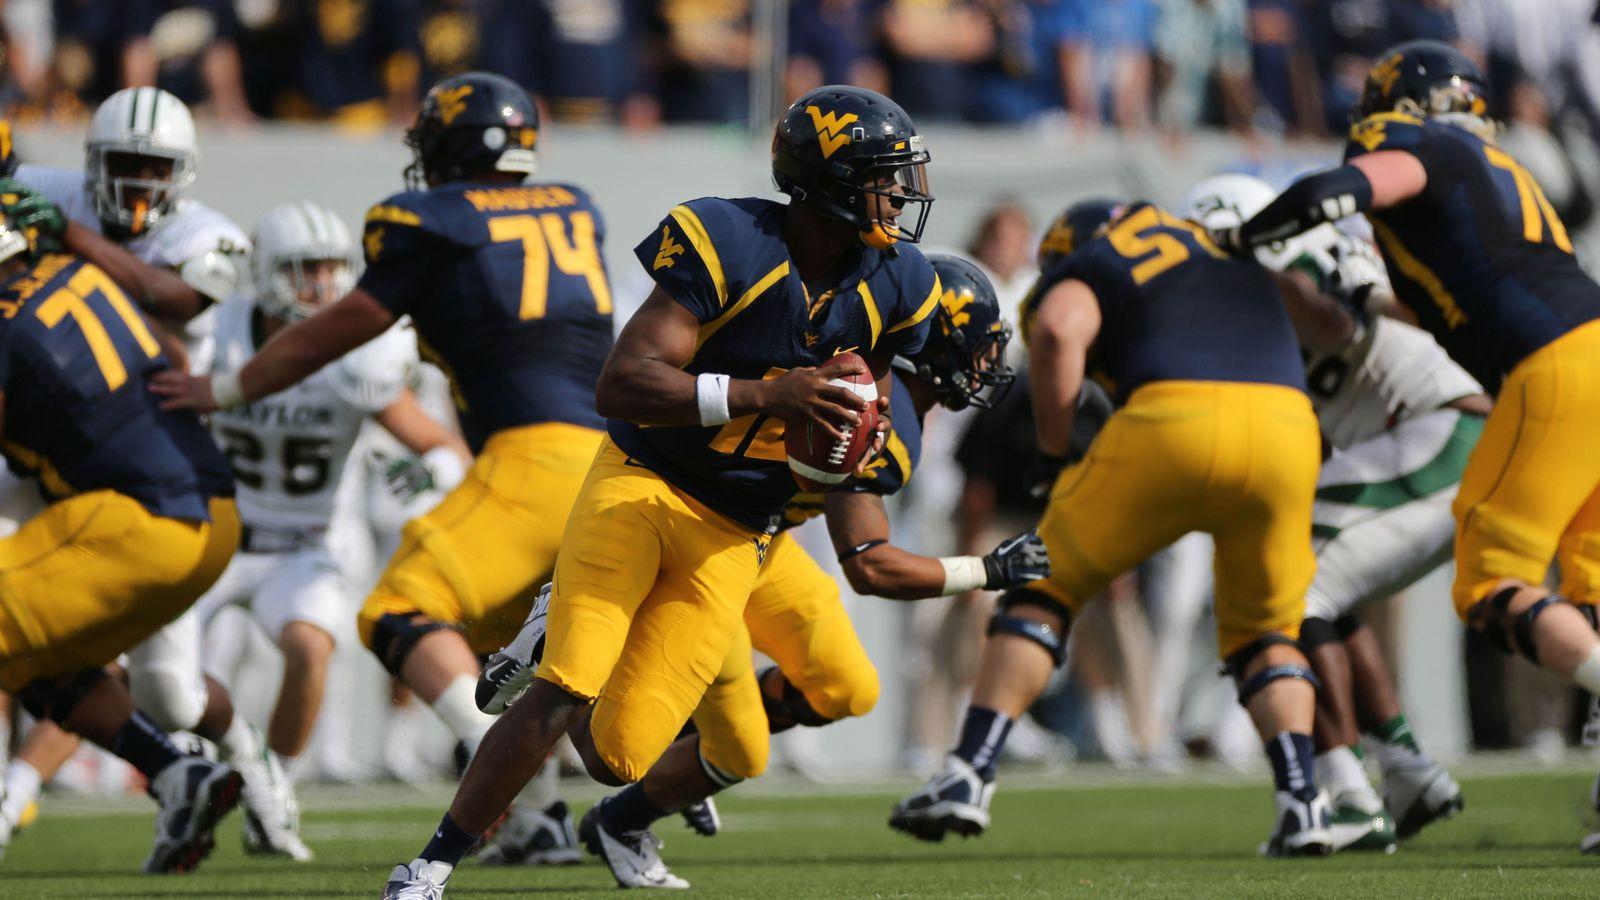 West Virginia vs  Baylor 2012 highlights: Highest scoring